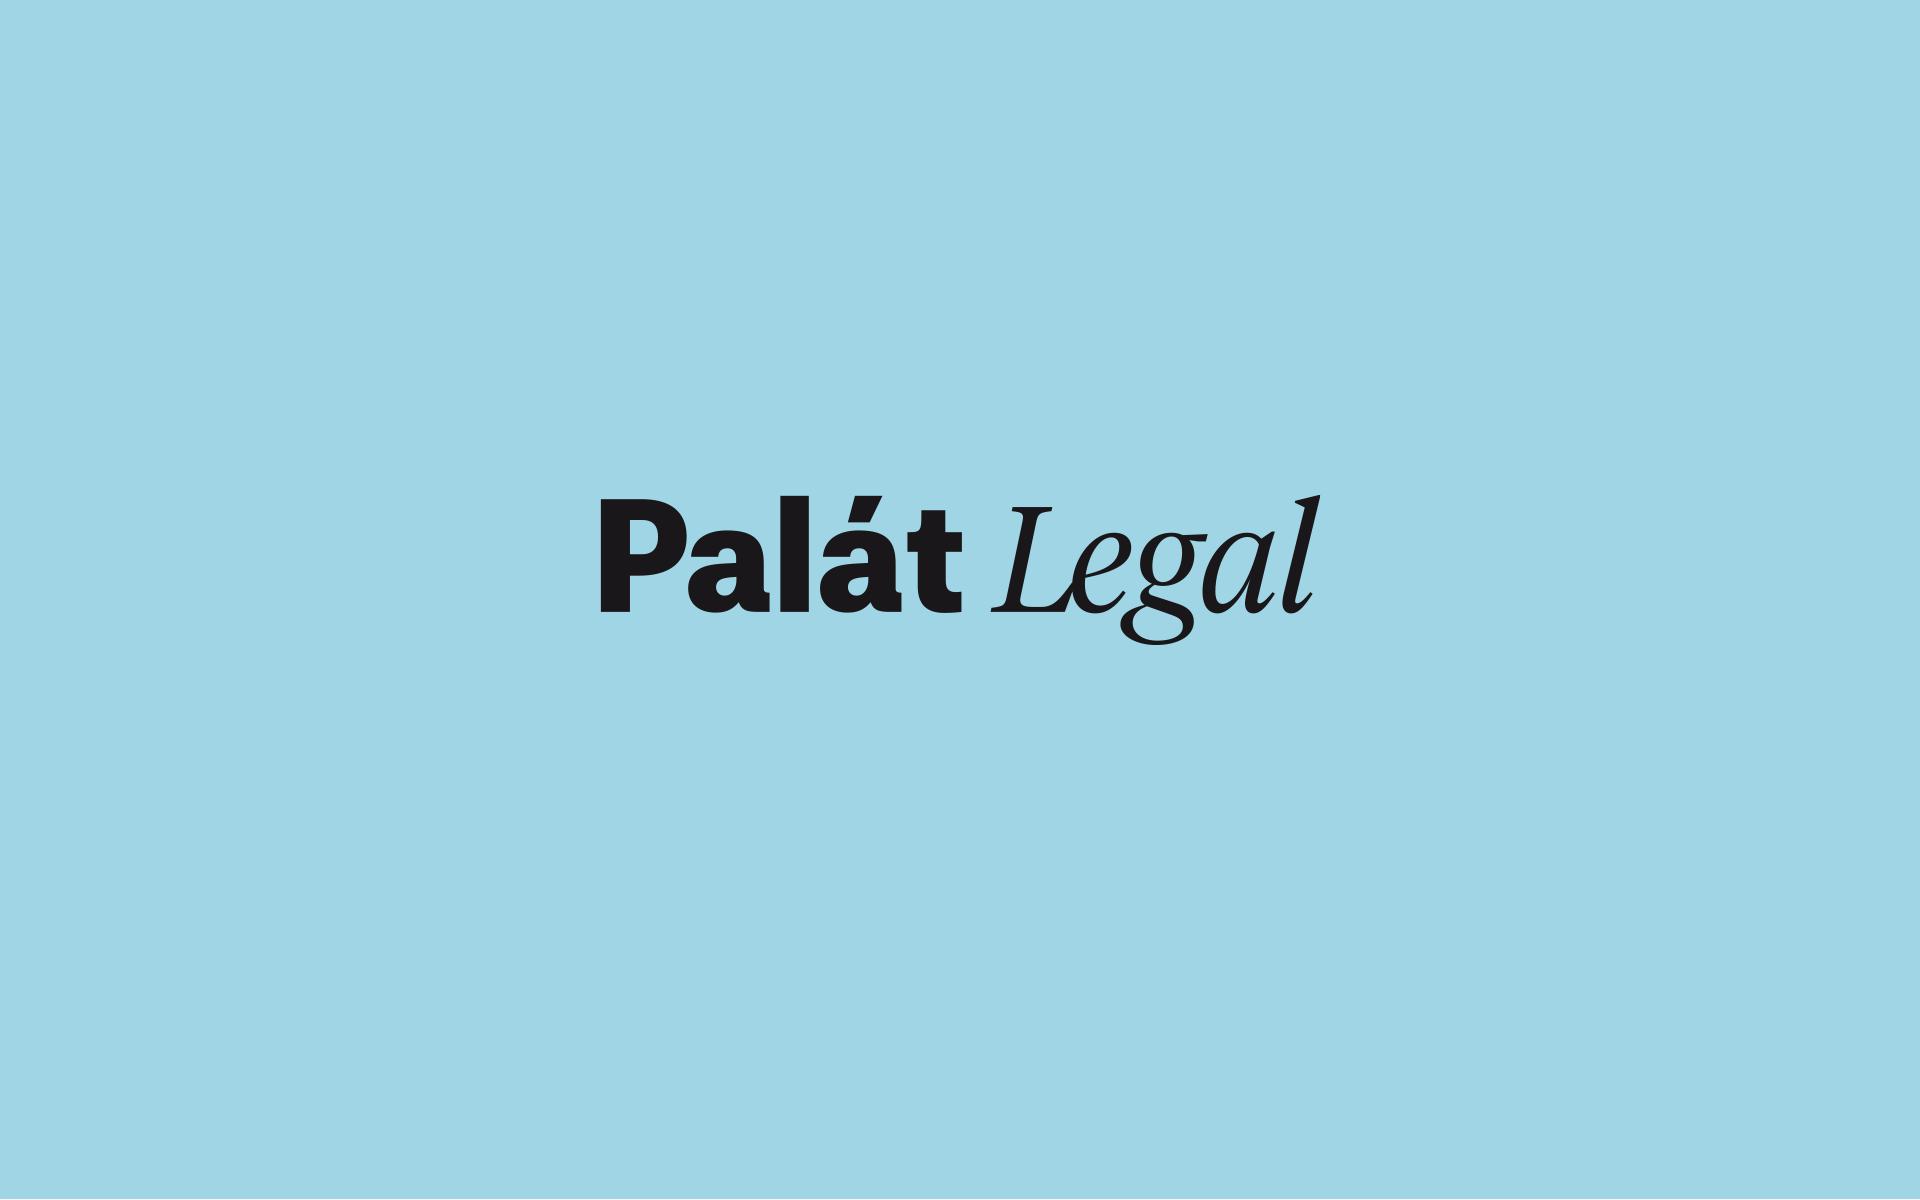 littlebrand-palatlegal__001